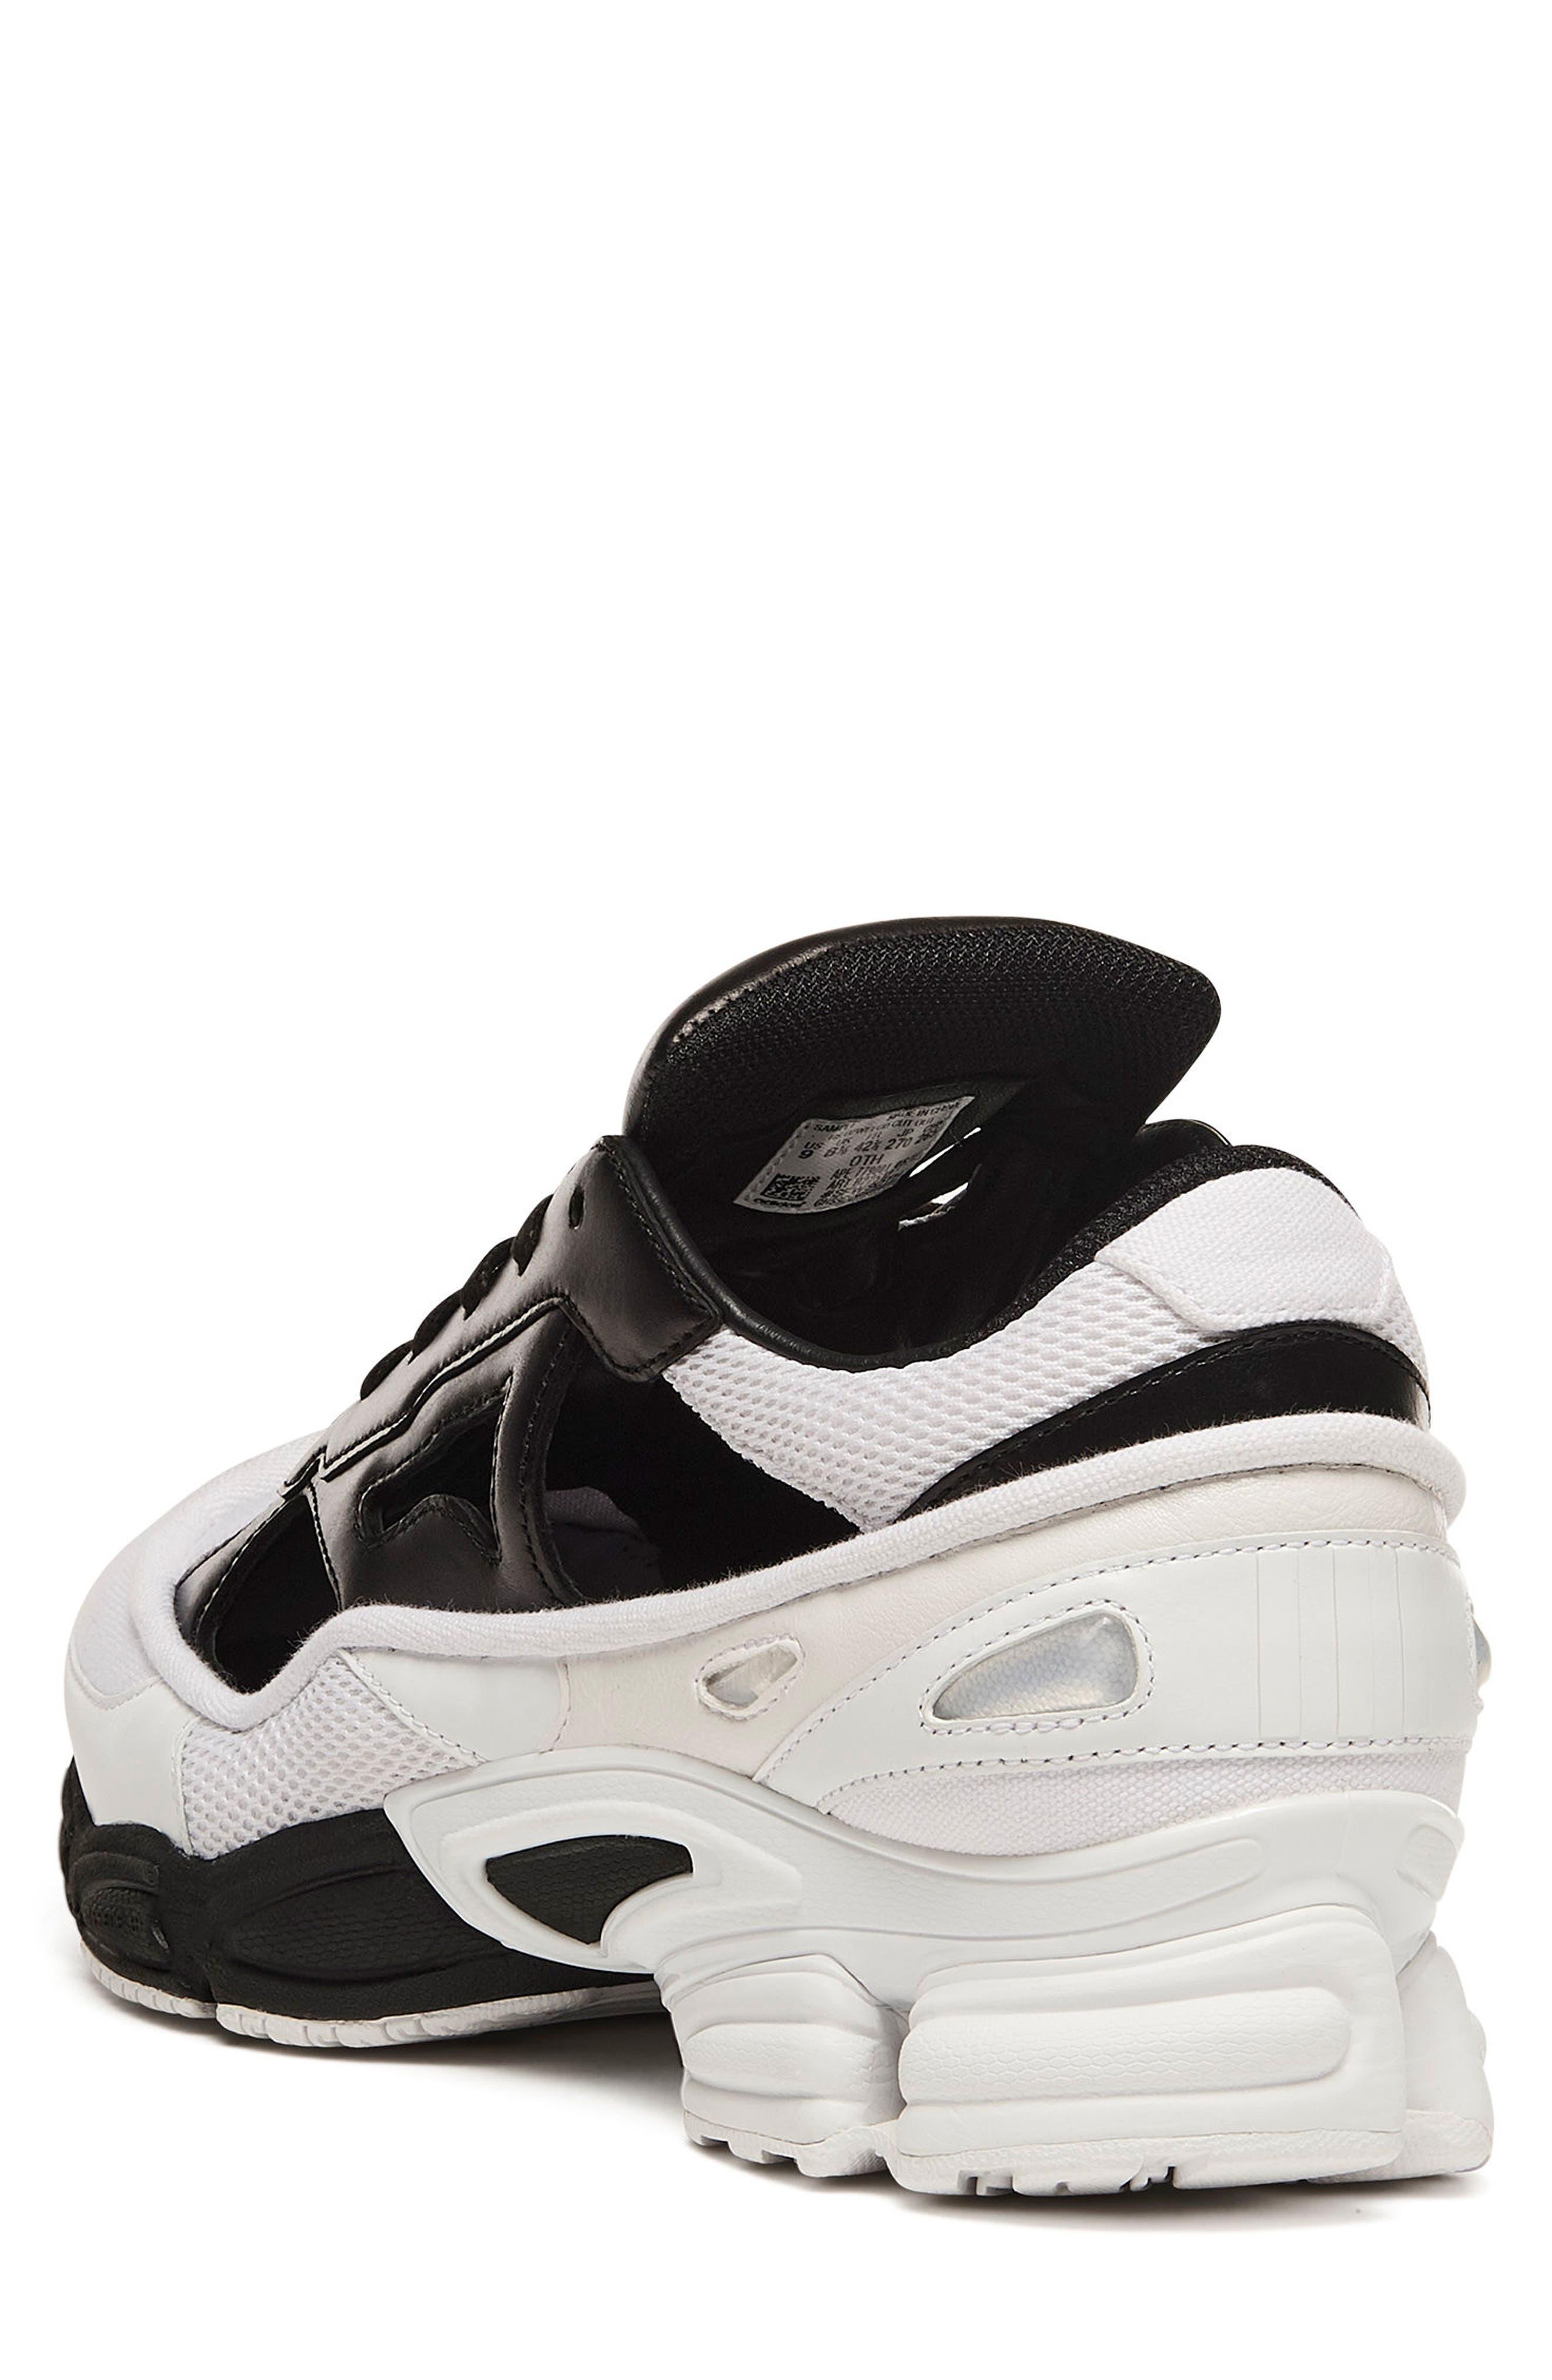 adidas x Raf Simons Replicant Ozweego Sneaker,                             Alternate thumbnail 2, color,                             Core Black/ Cream White/ White